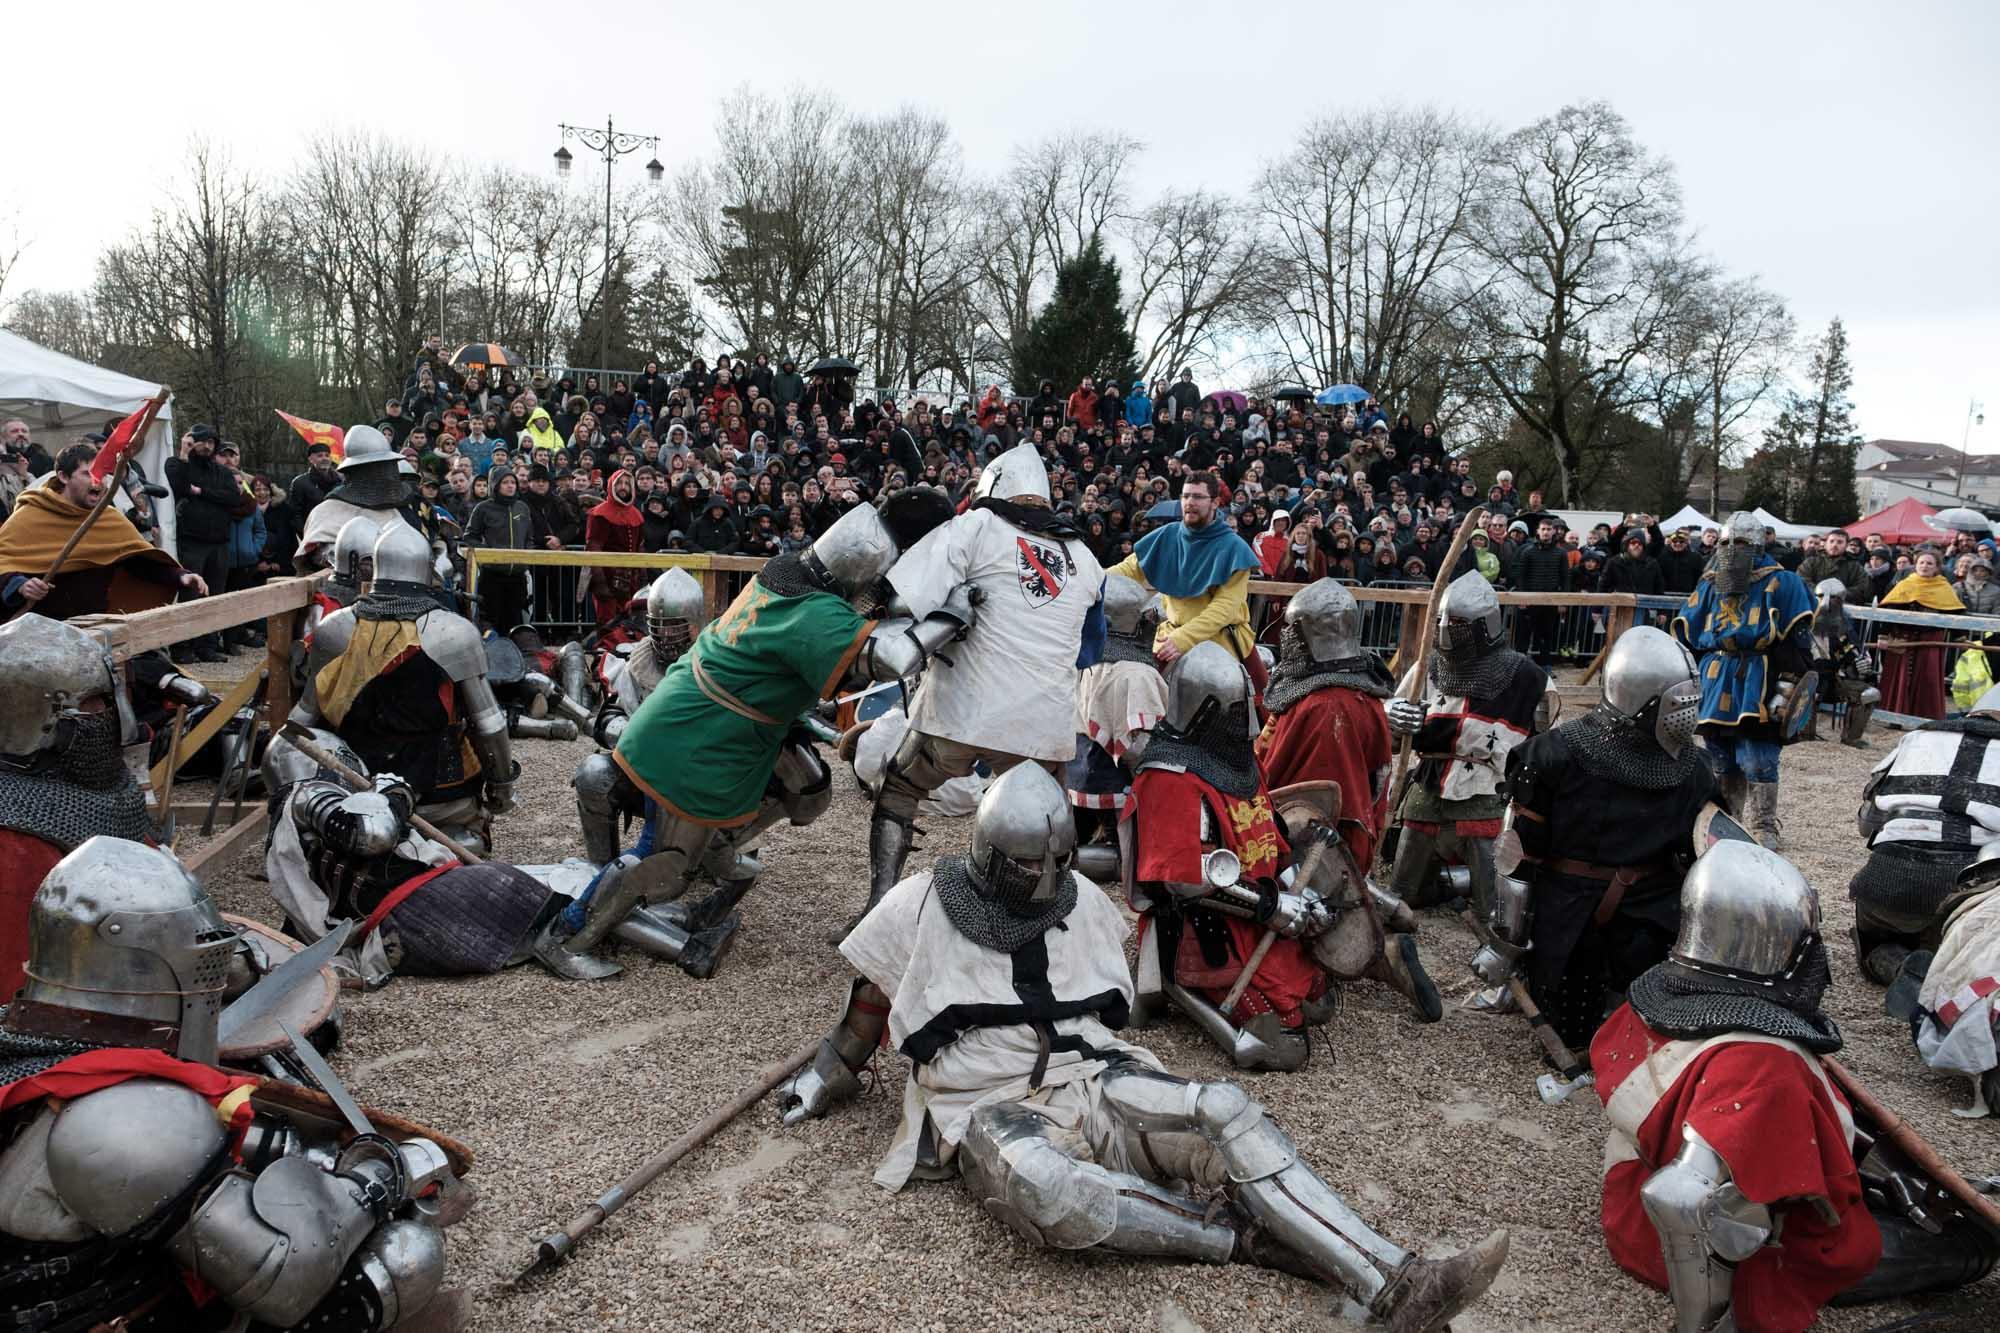 Deux équipes s'affrontent dans la lice en combat de 30 contre 30. C'est la première fois que ce type de combat se fait en france dans le cadre du championnat de France 2019.